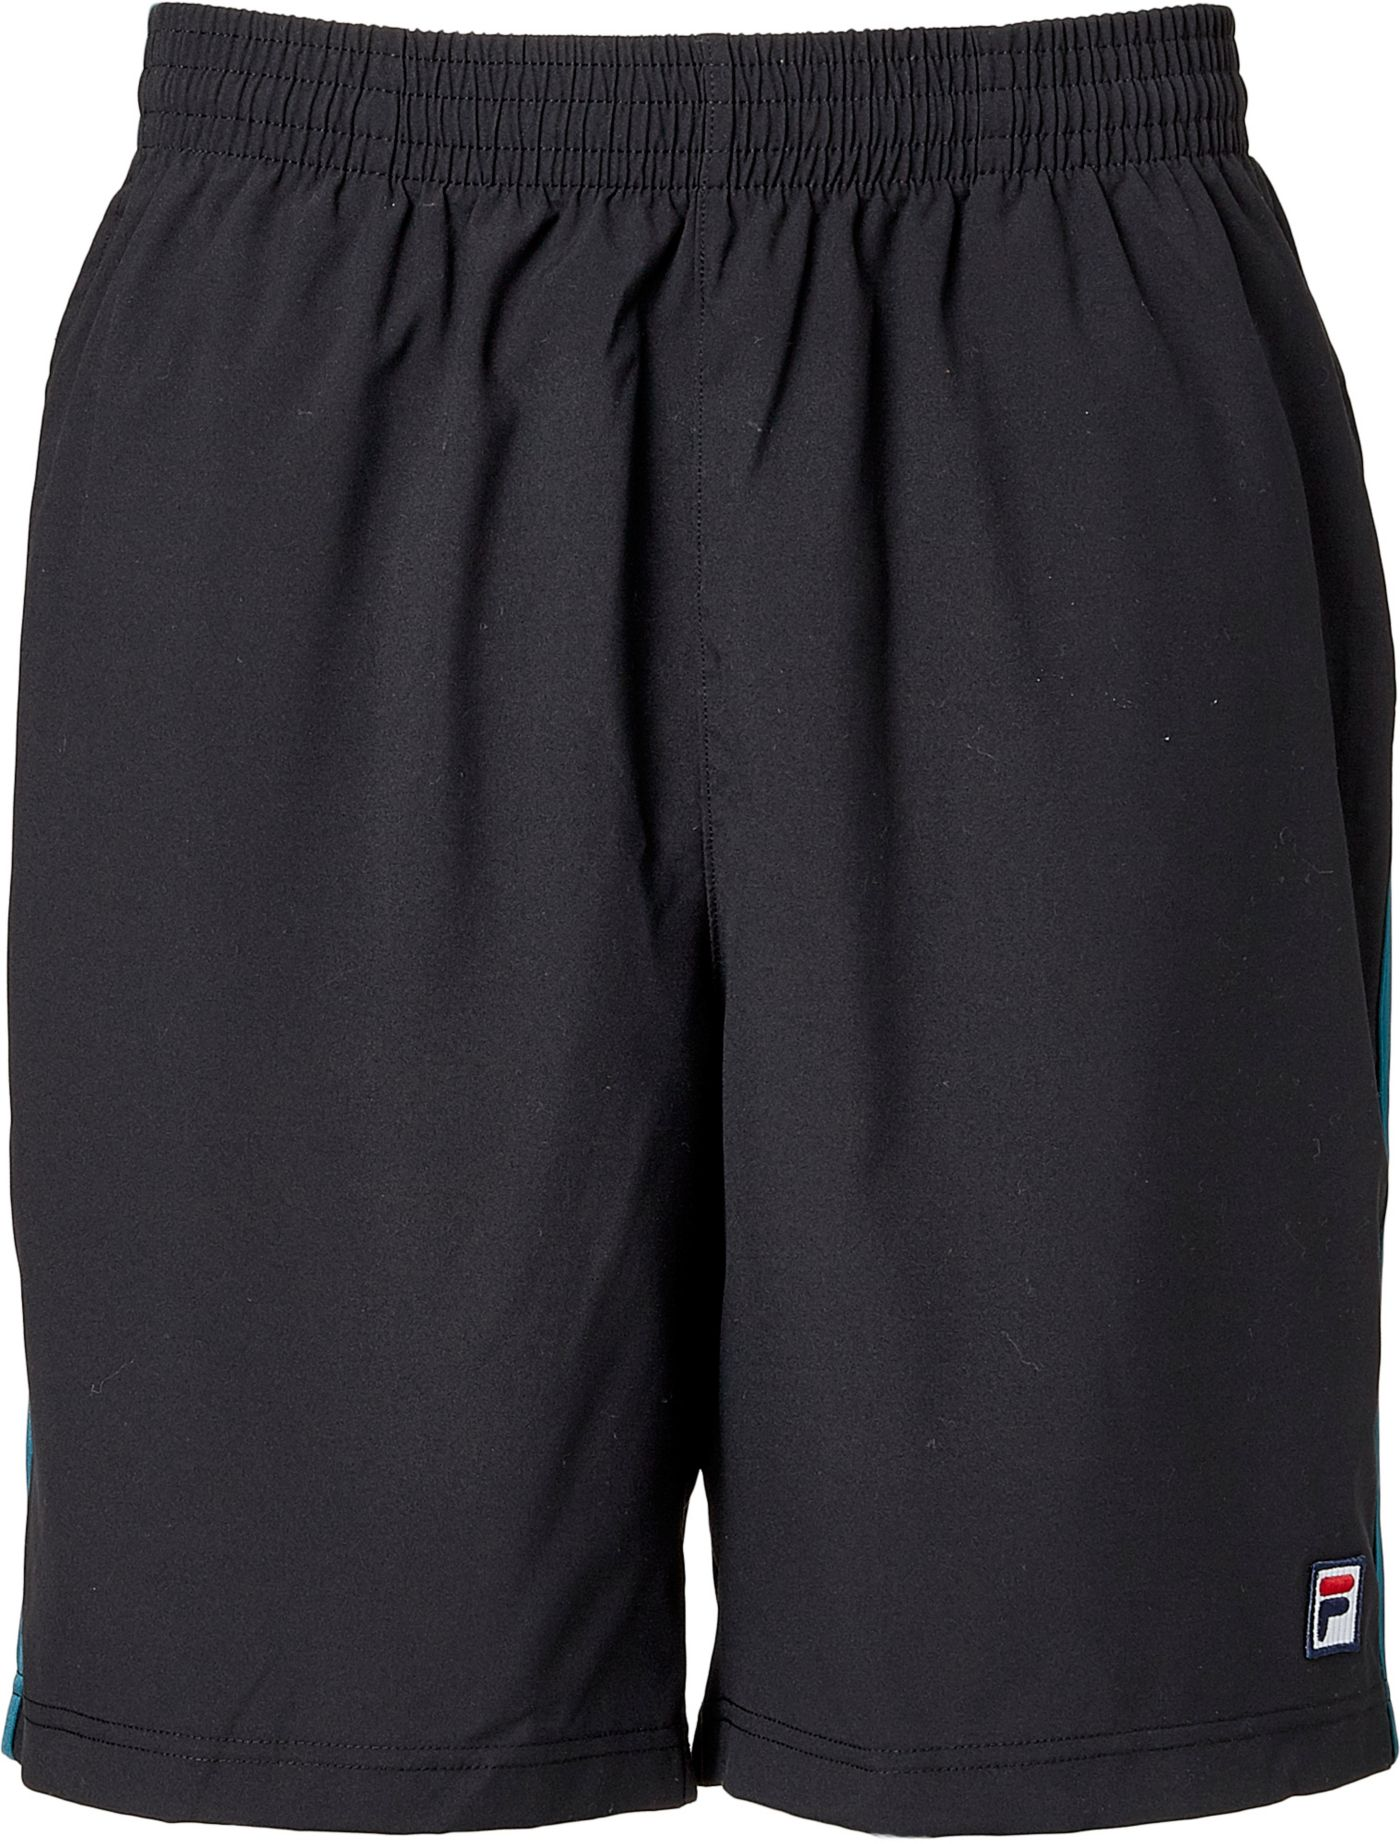 Fila Men's Advantage Tennis Shorts